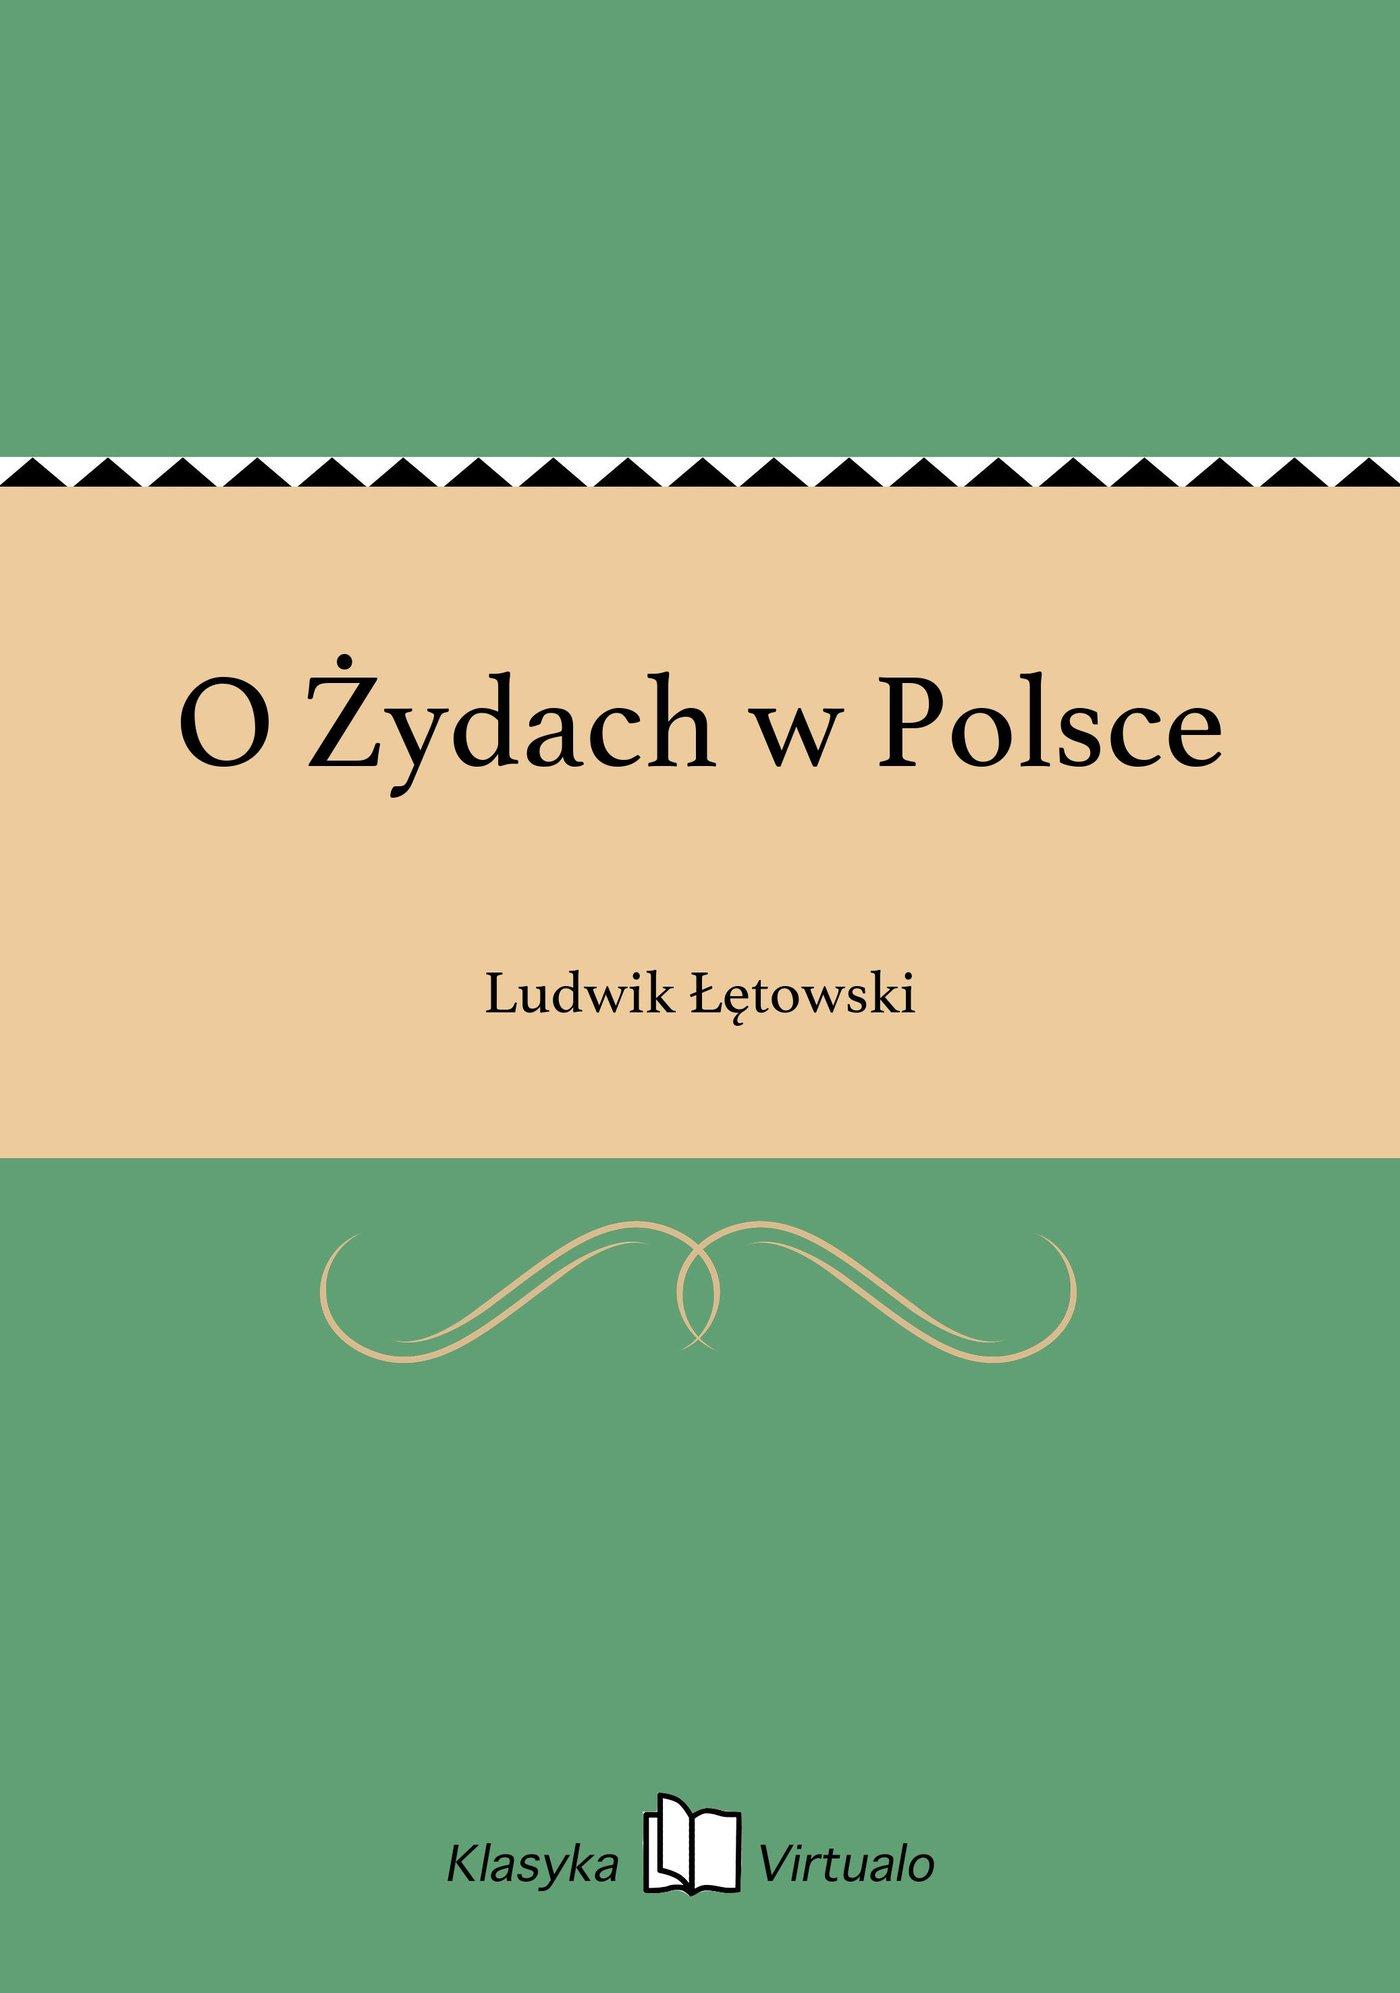 O Żydach w Polsce - Ebook (Książka EPUB) do pobrania w formacie EPUB